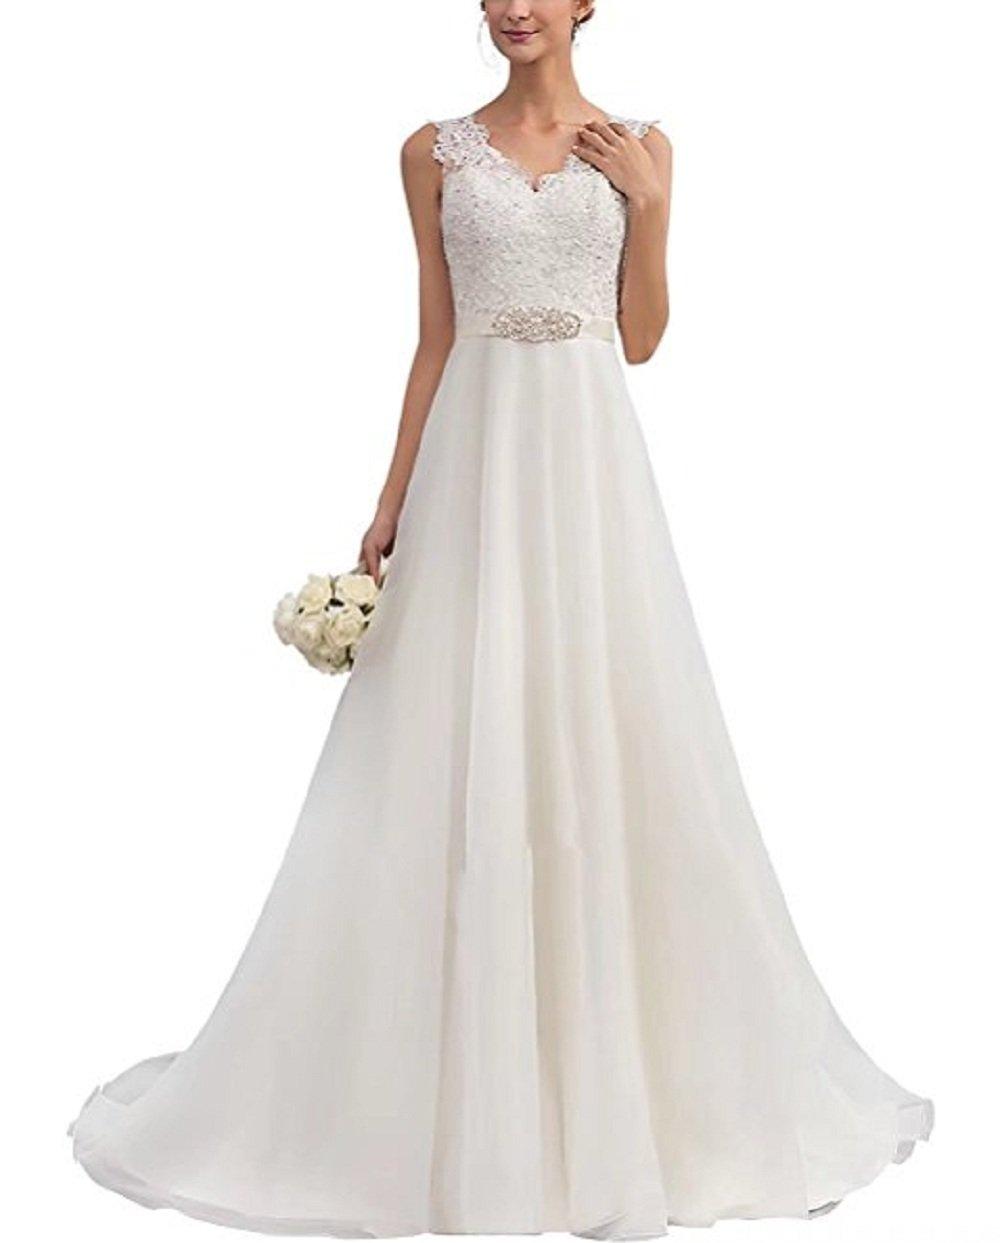 Brautkleider für die Braut A-Linie V-Ausschnitt Organza mit Sicke ...